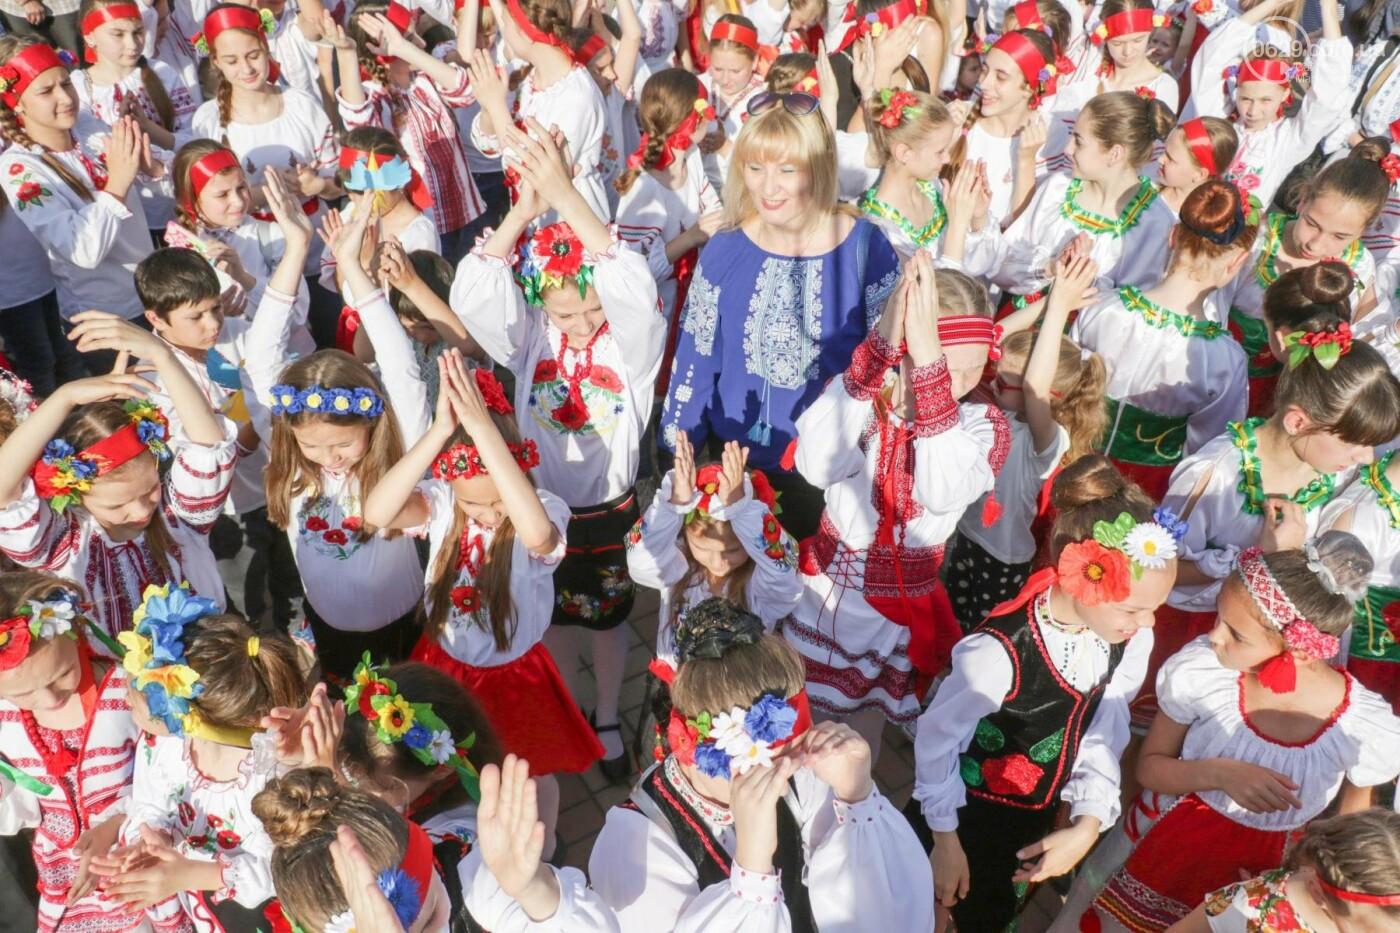 Яркие национальные костюмы и атмосфера общего единения. Мариупольцы отпраздновали День вышиванки, - ФОТОРЕПОРТАЖ, фото-24